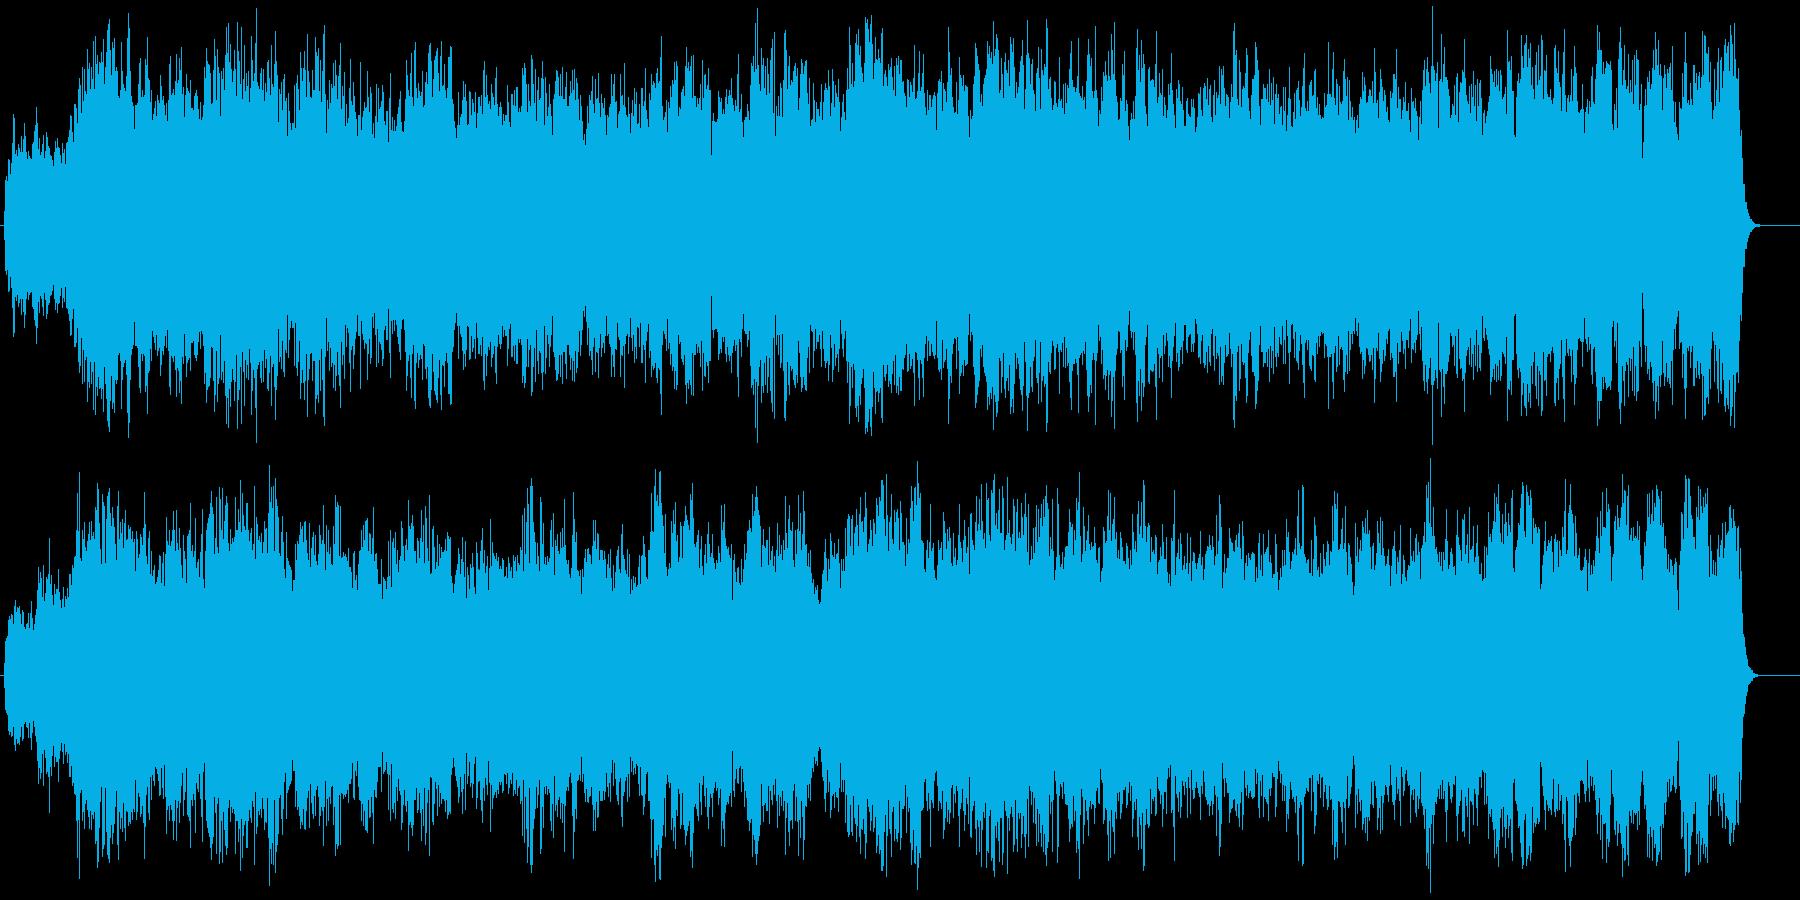 神秘的な世界が広がるネイチャー系サウンドの再生済みの波形